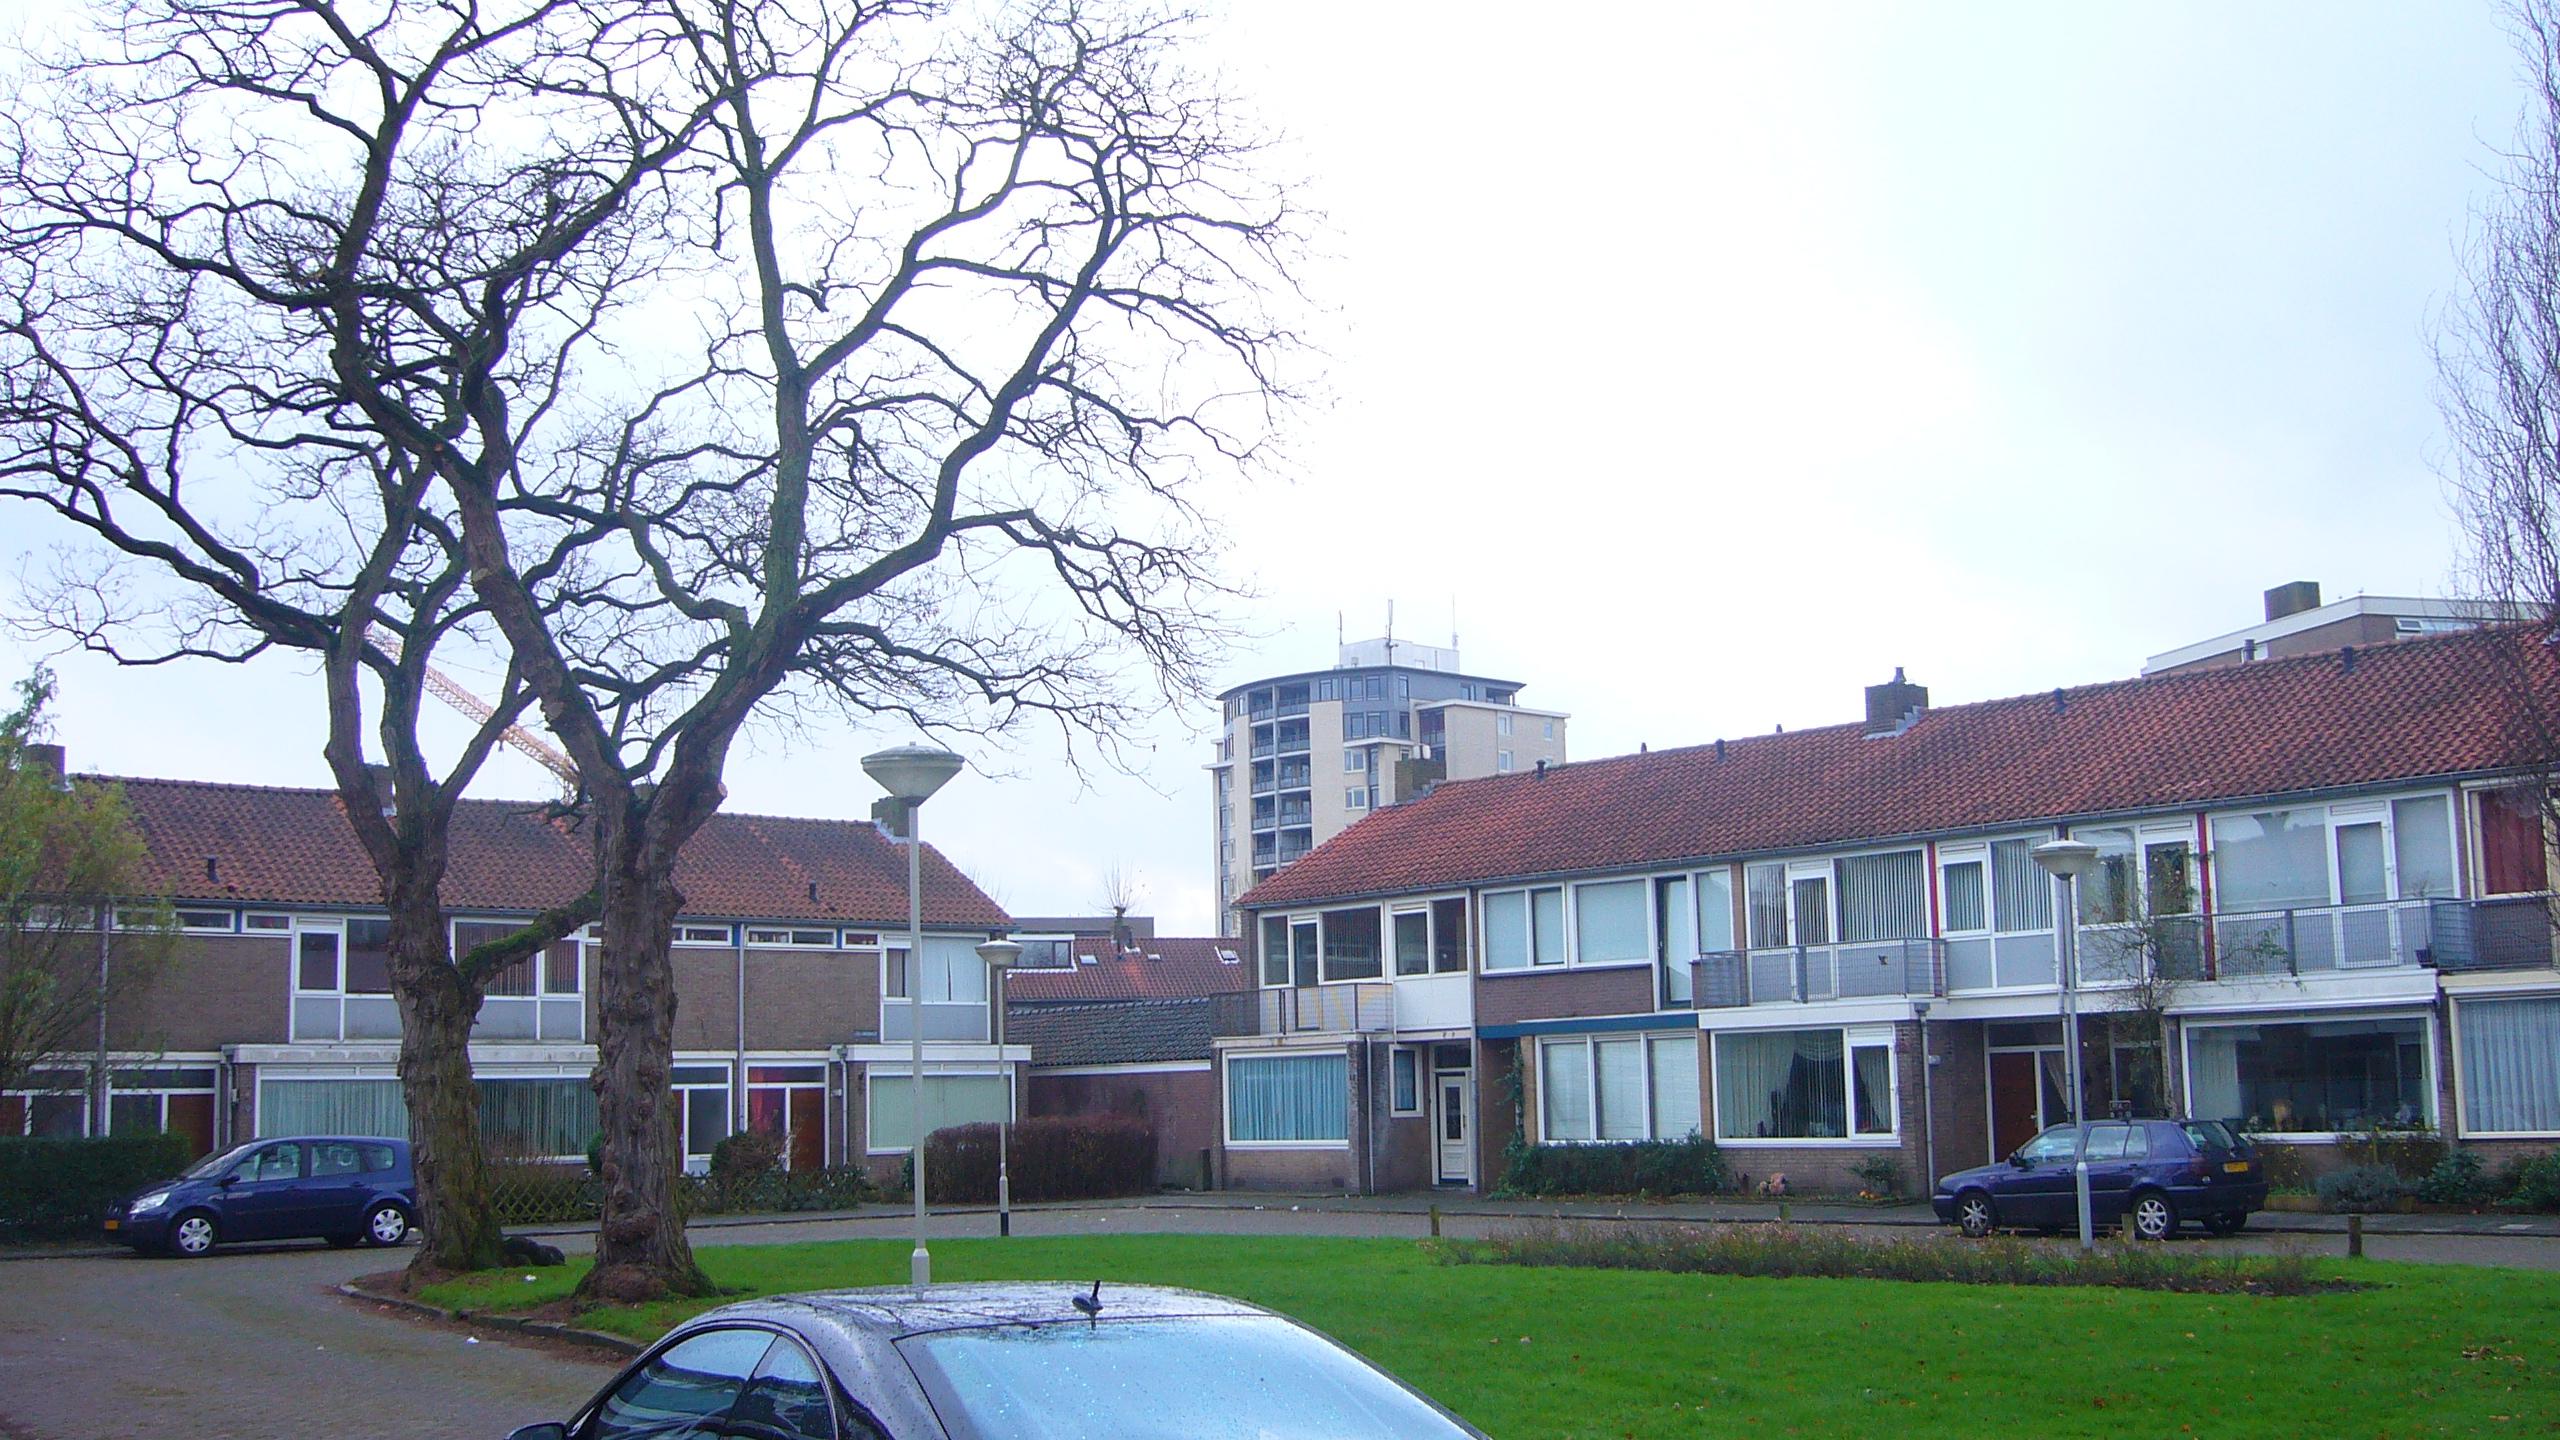 Breda et les maisons jumelées typiques aux Pays-Bas